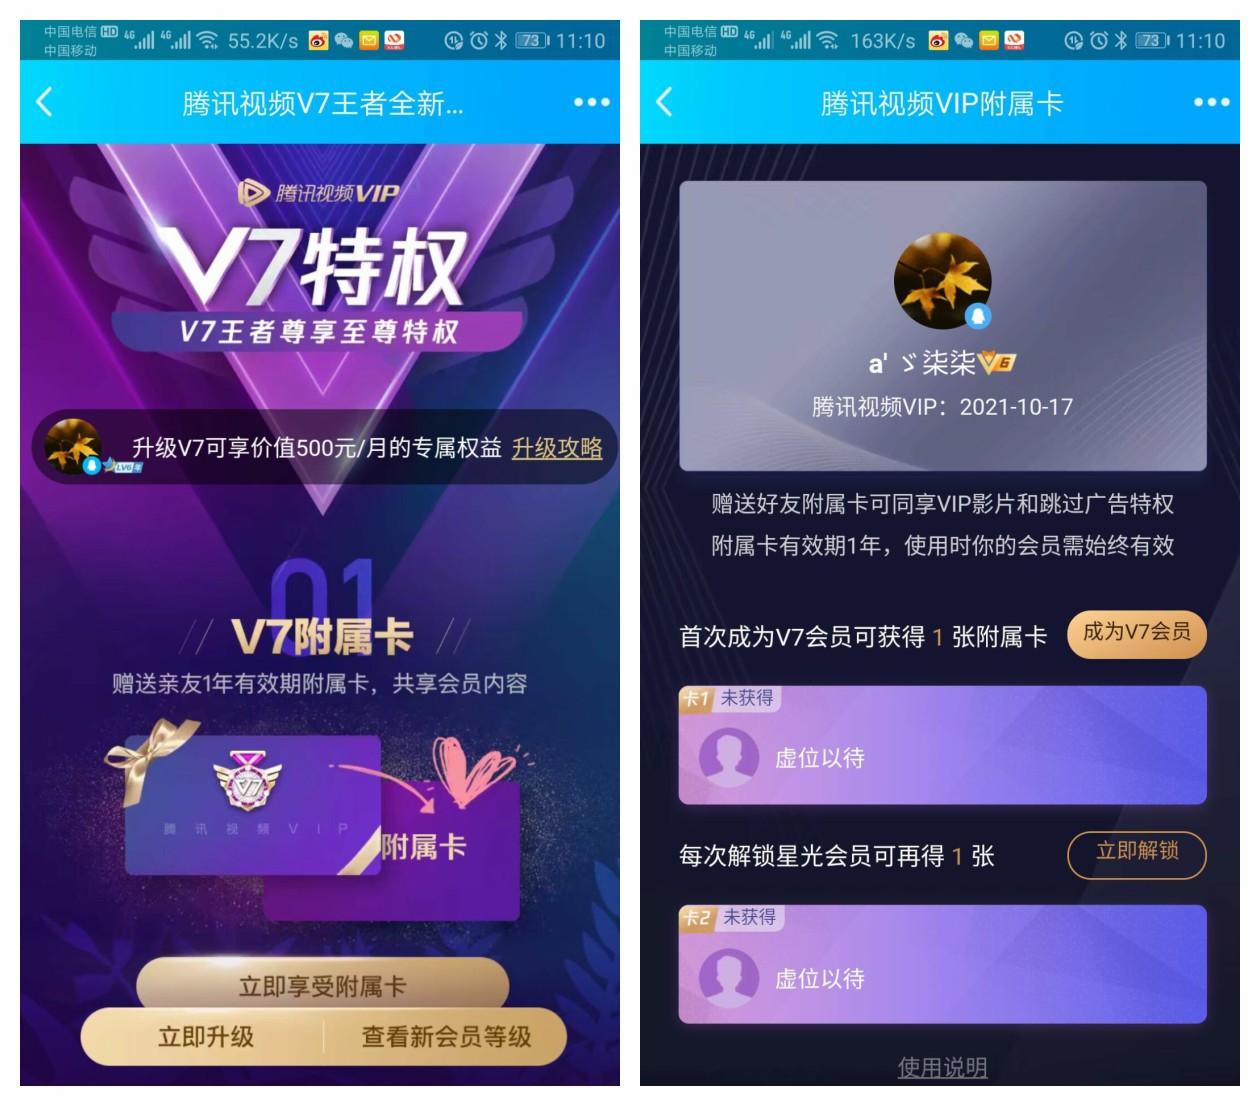 腾讯视频V7会员免费赠好友1年腾讯视频VIP附属卡